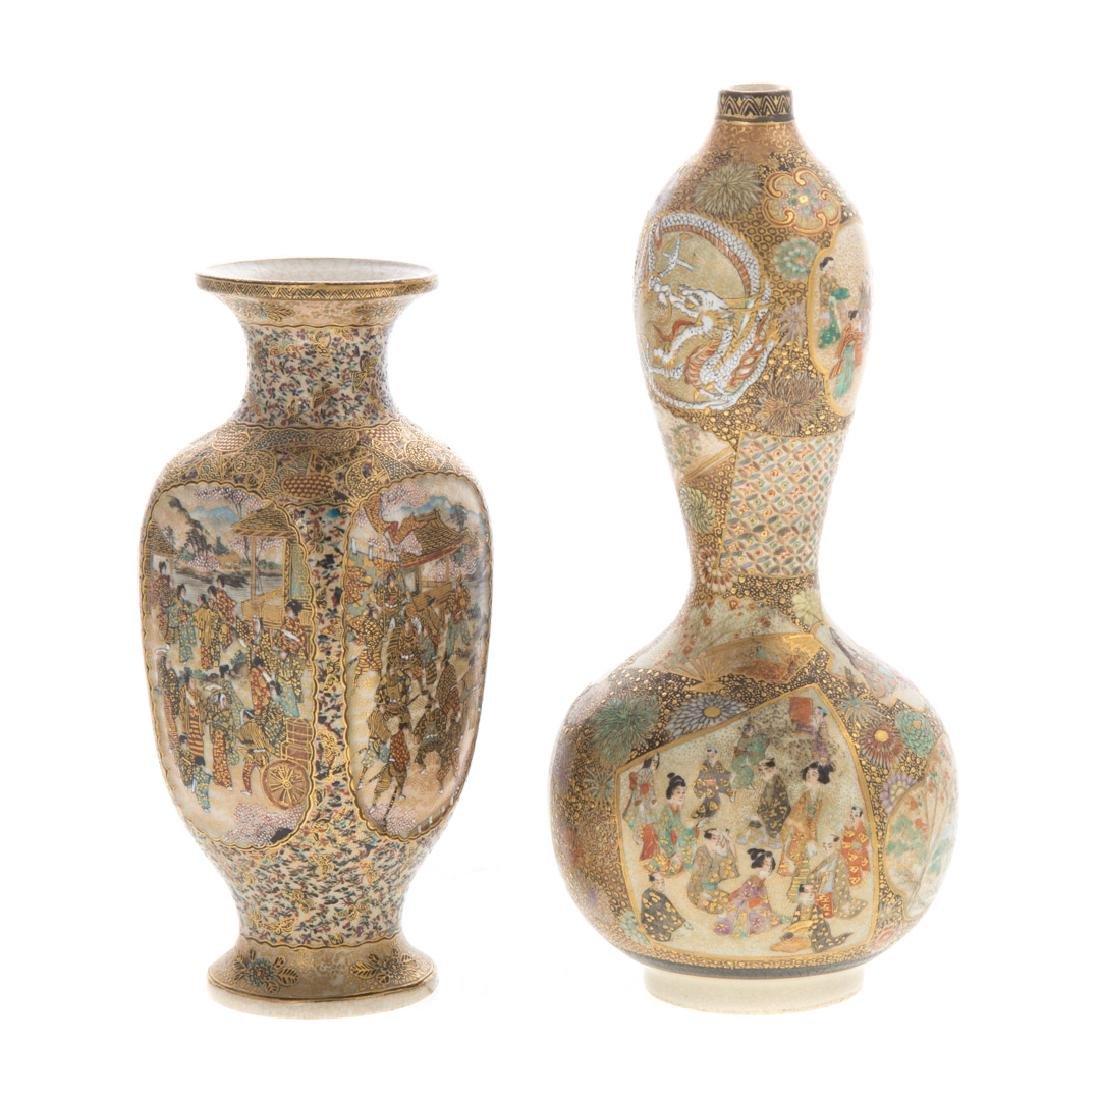 Japanese Satsuma miniature vase/double gourd vase